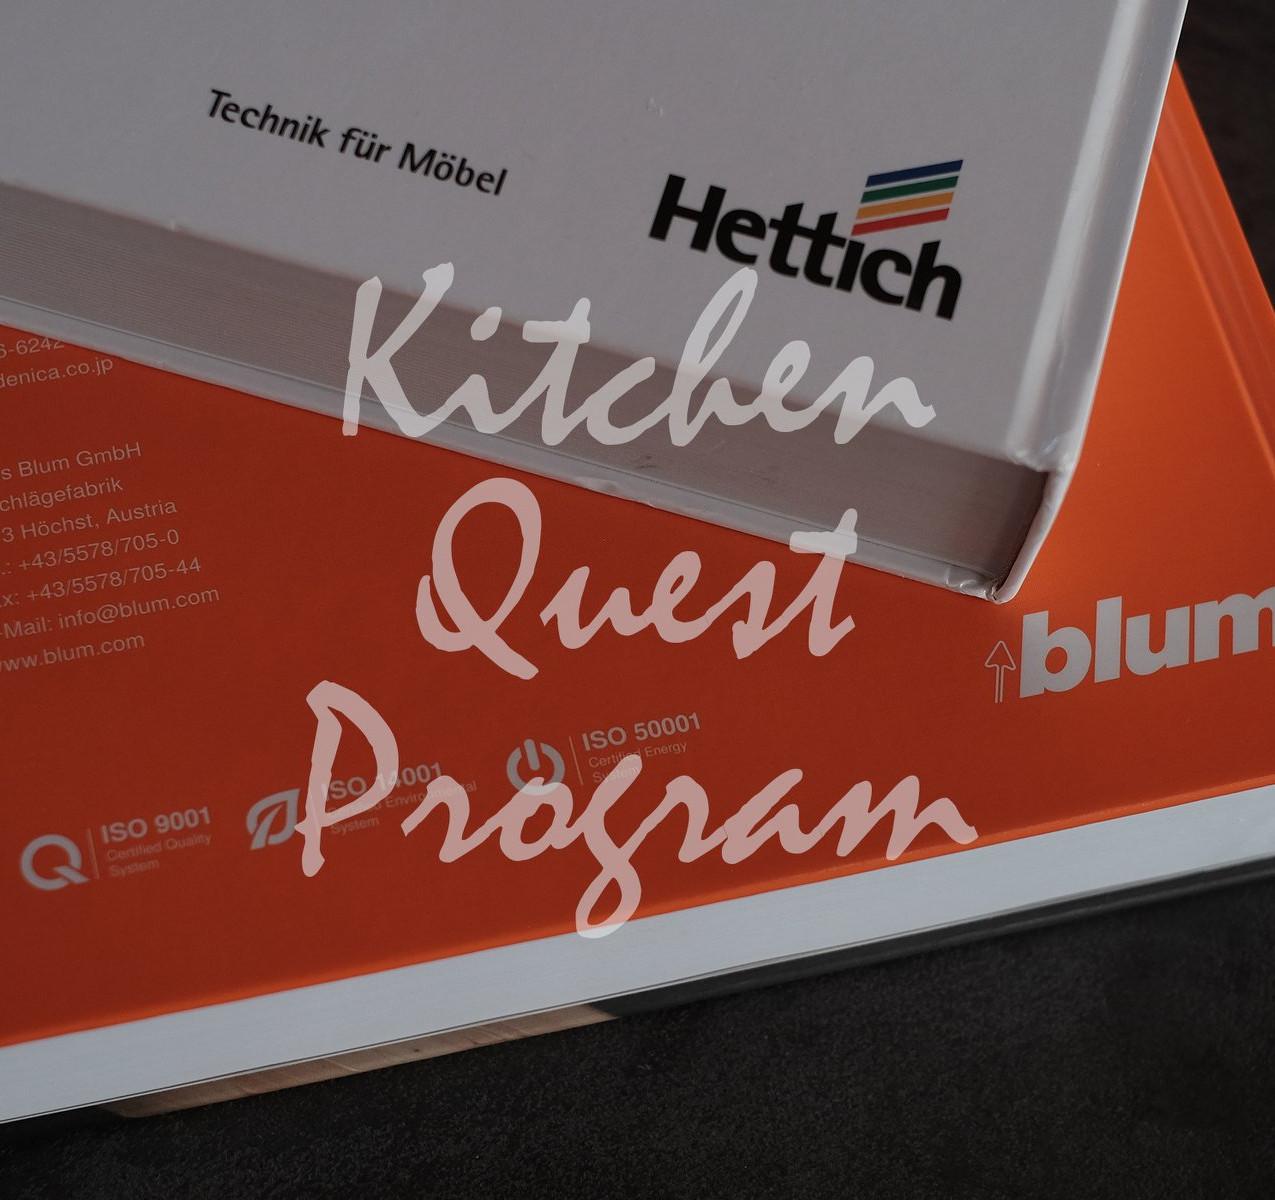 採用する家具金物。最先端のレールシステムで使い勝手を追求します。ヘティヒ社(ドイツ)とブルム社(オーストリア)。